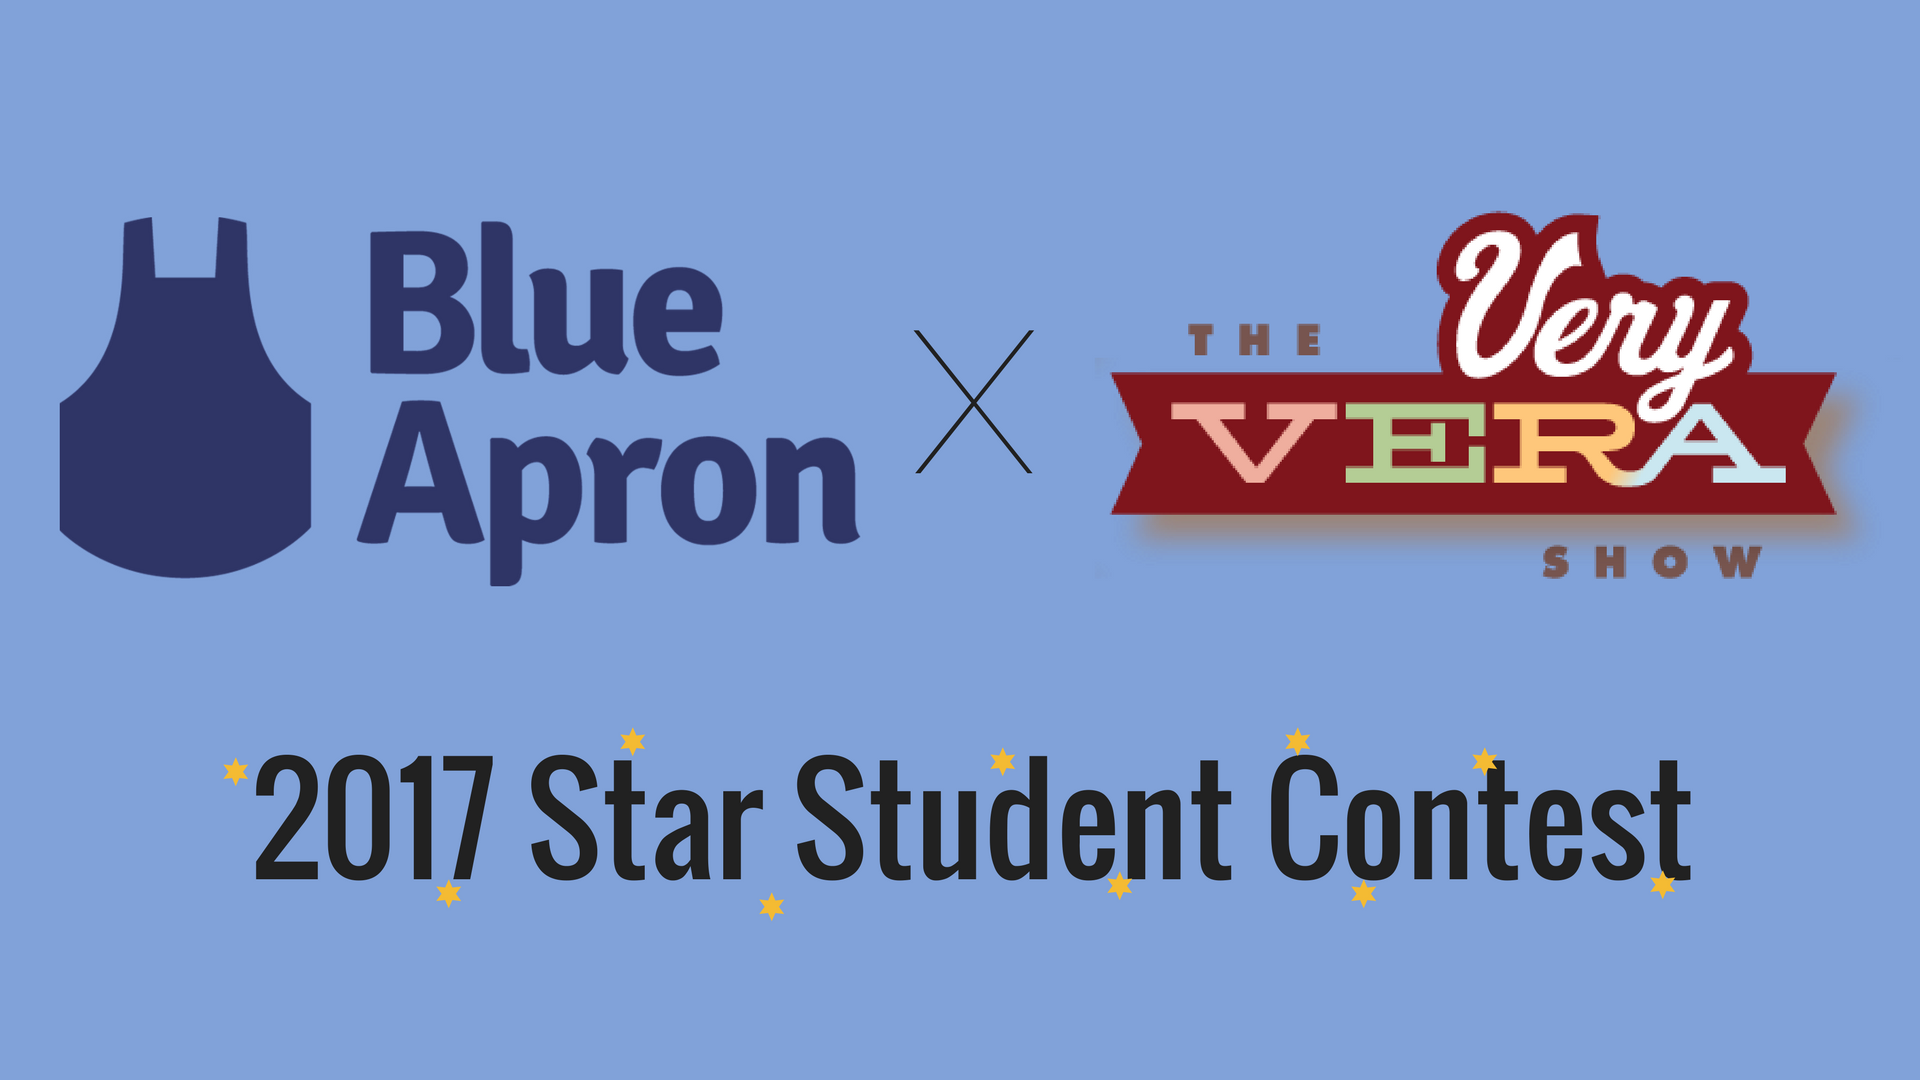 Blue apron logo png - Blue Apron Star Student Contest